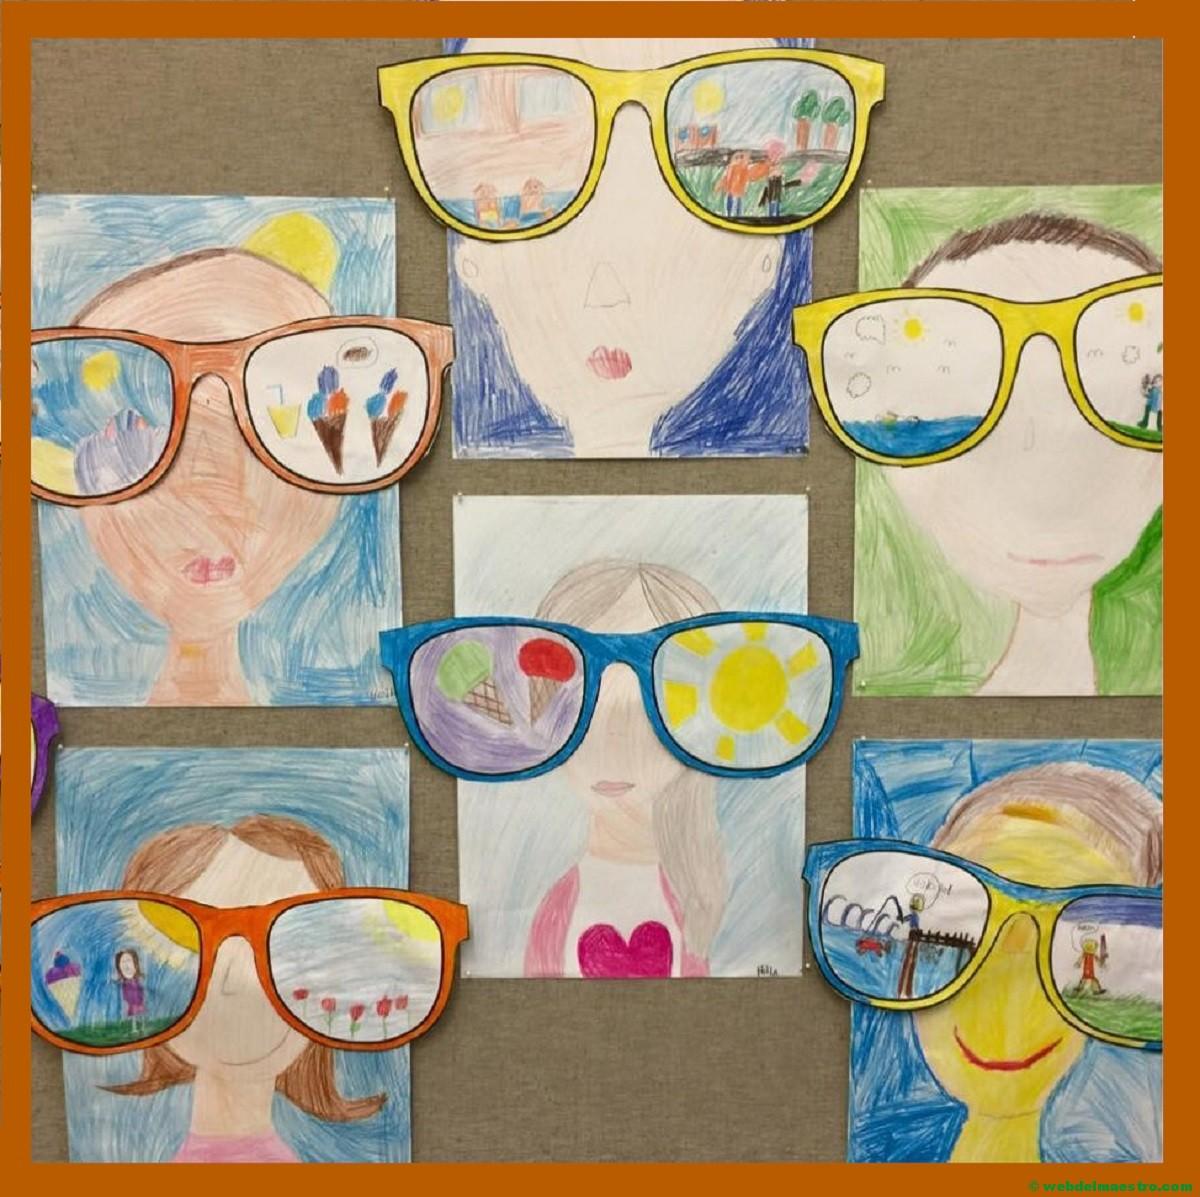 Dibujos de vacaciones realizados por niños